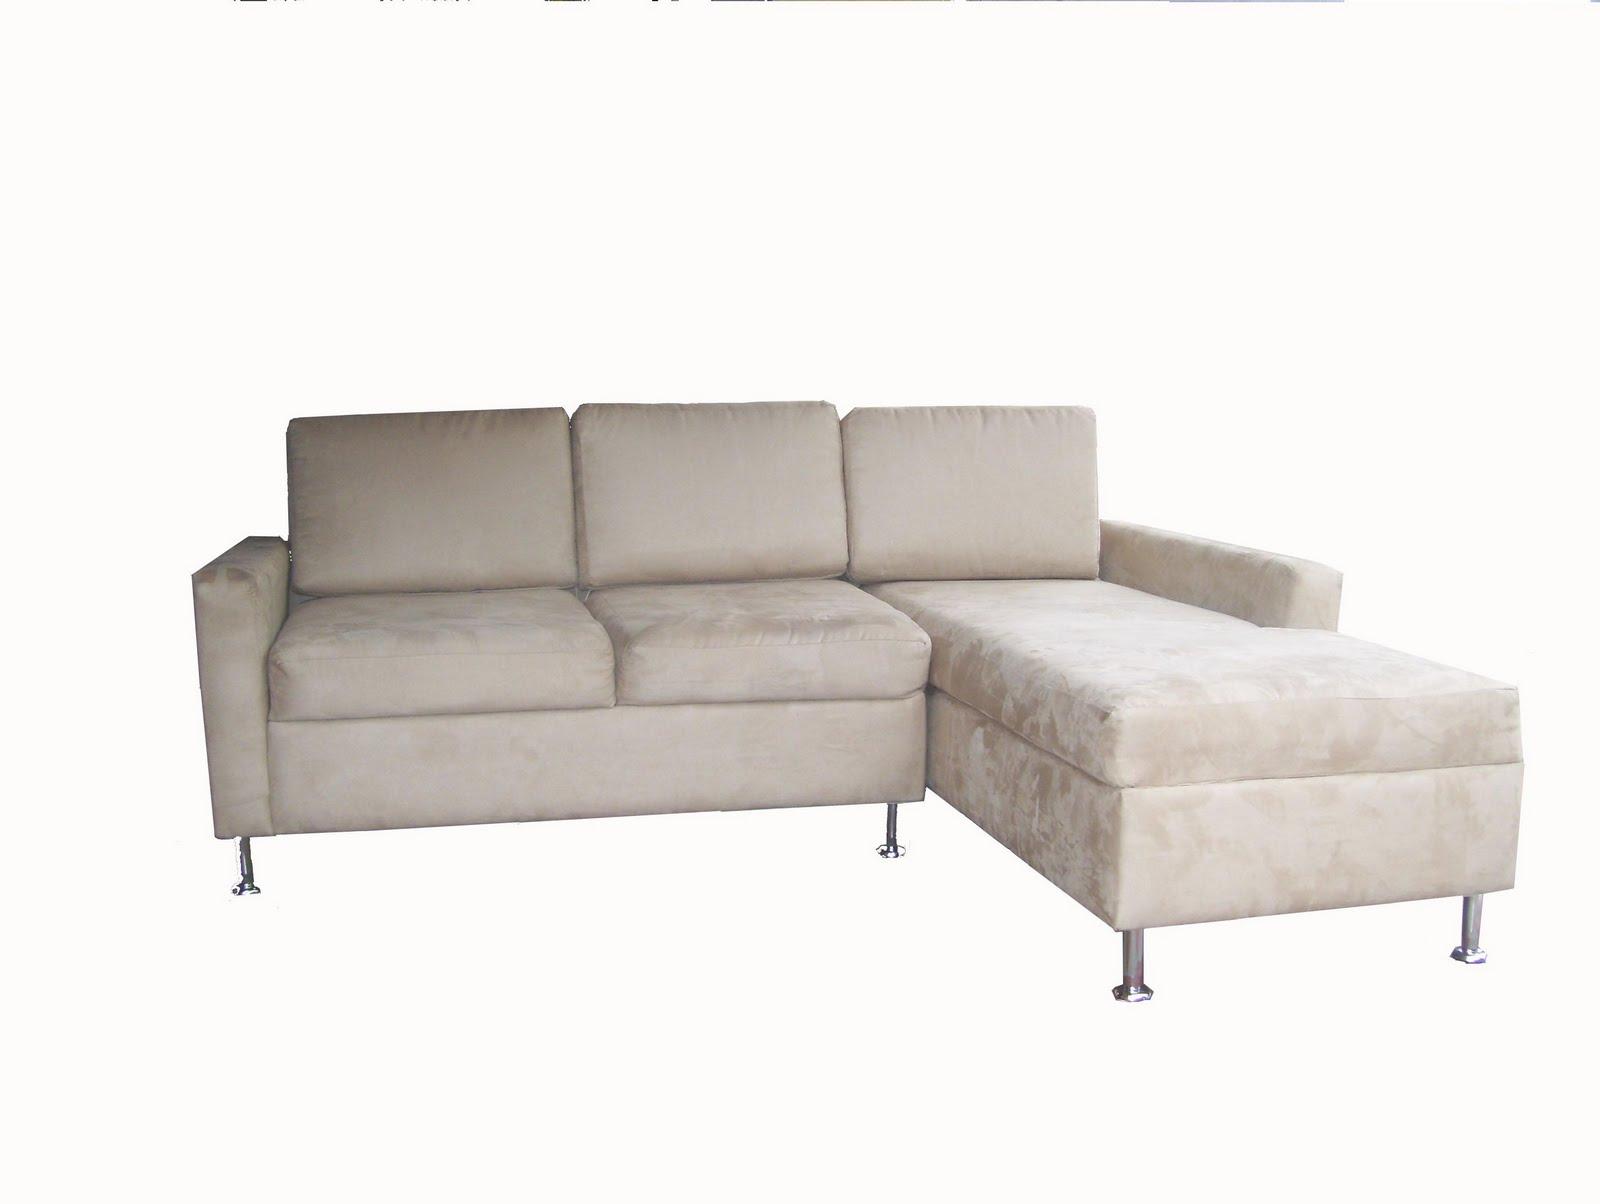 muebleskettal Sof225 modular en L tapizado en microfibra  : sofaLmicrofibrajpg from muebleskettal.blogspot.com size 1600 x 1204 jpeg 61kB